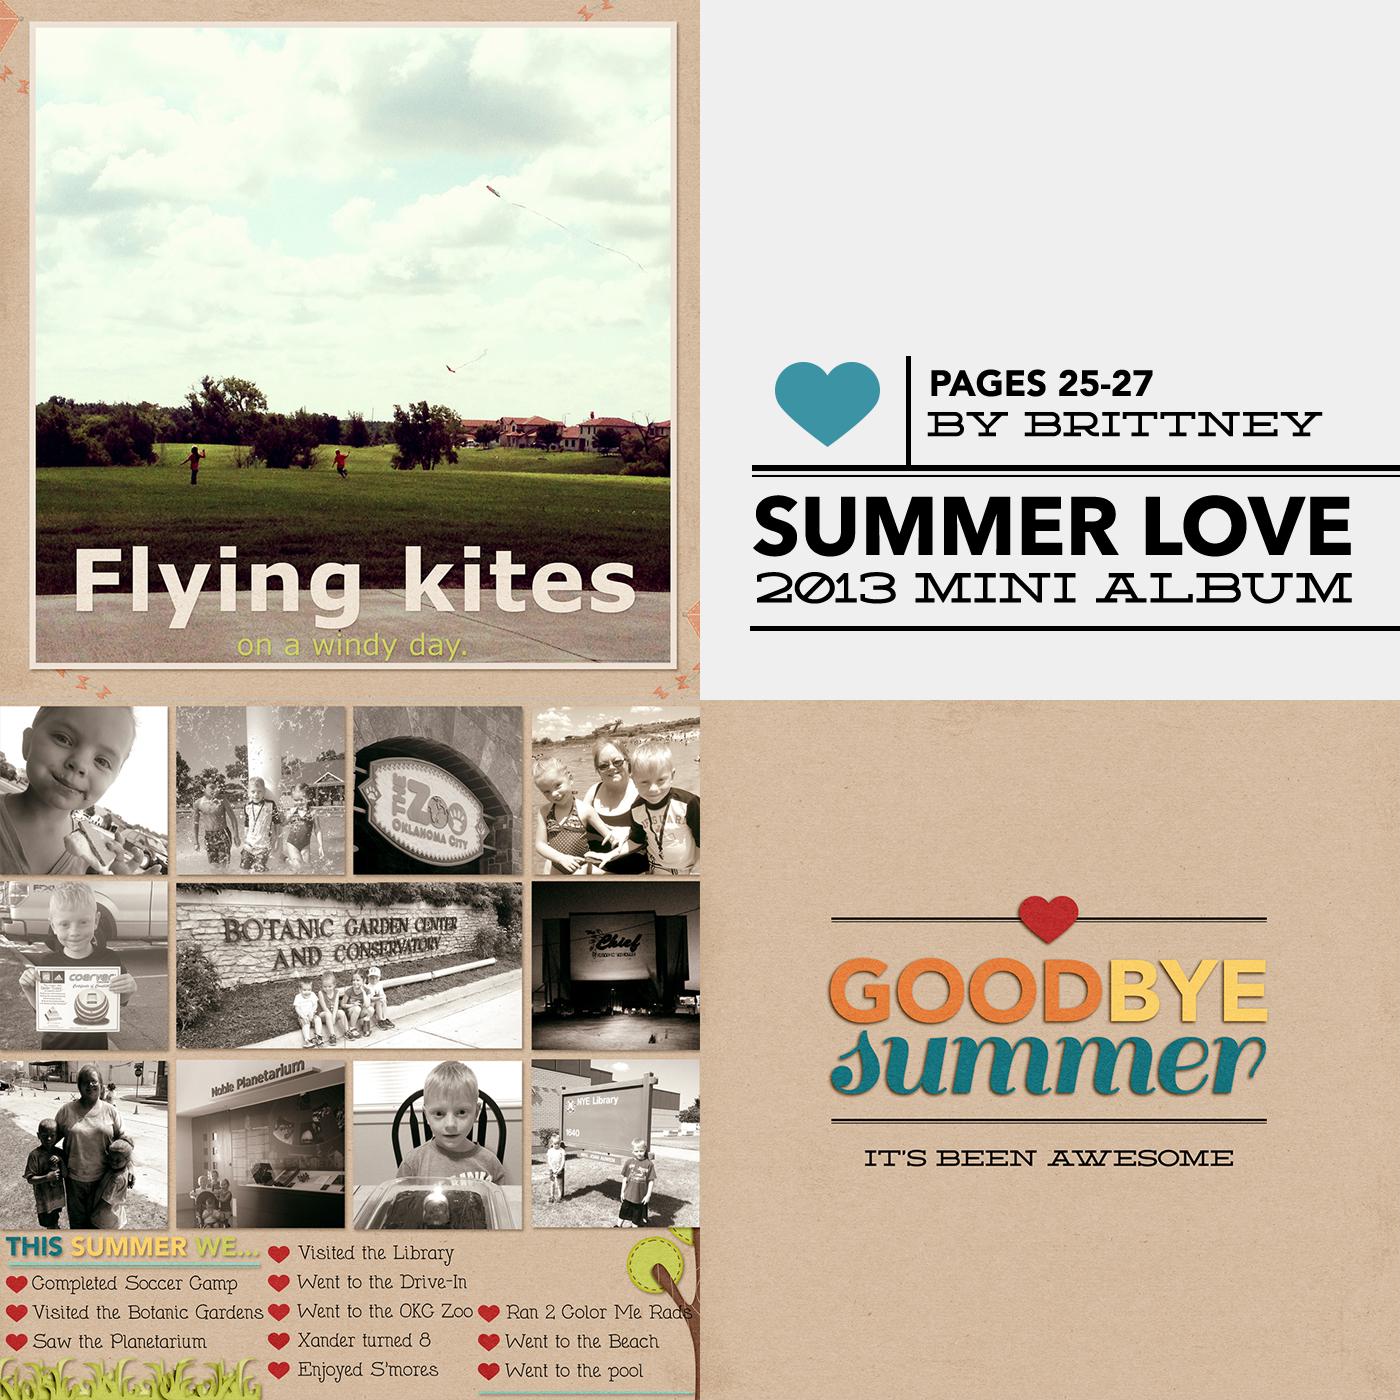 brittney_nettiodesigns_SummerLove-pg25-27